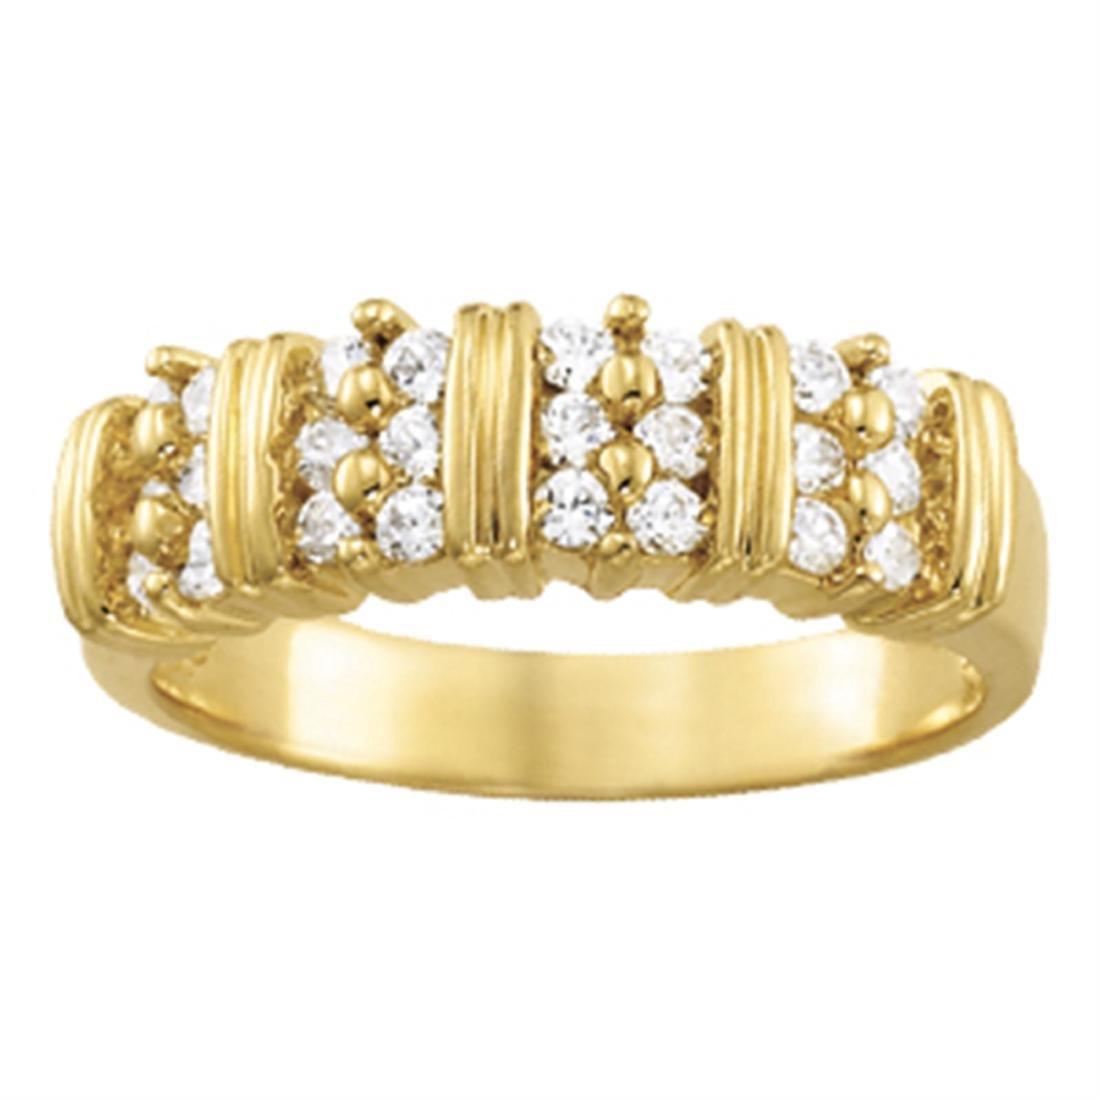 14kt gold 5.86 gram Wedding Bands/Bar Set